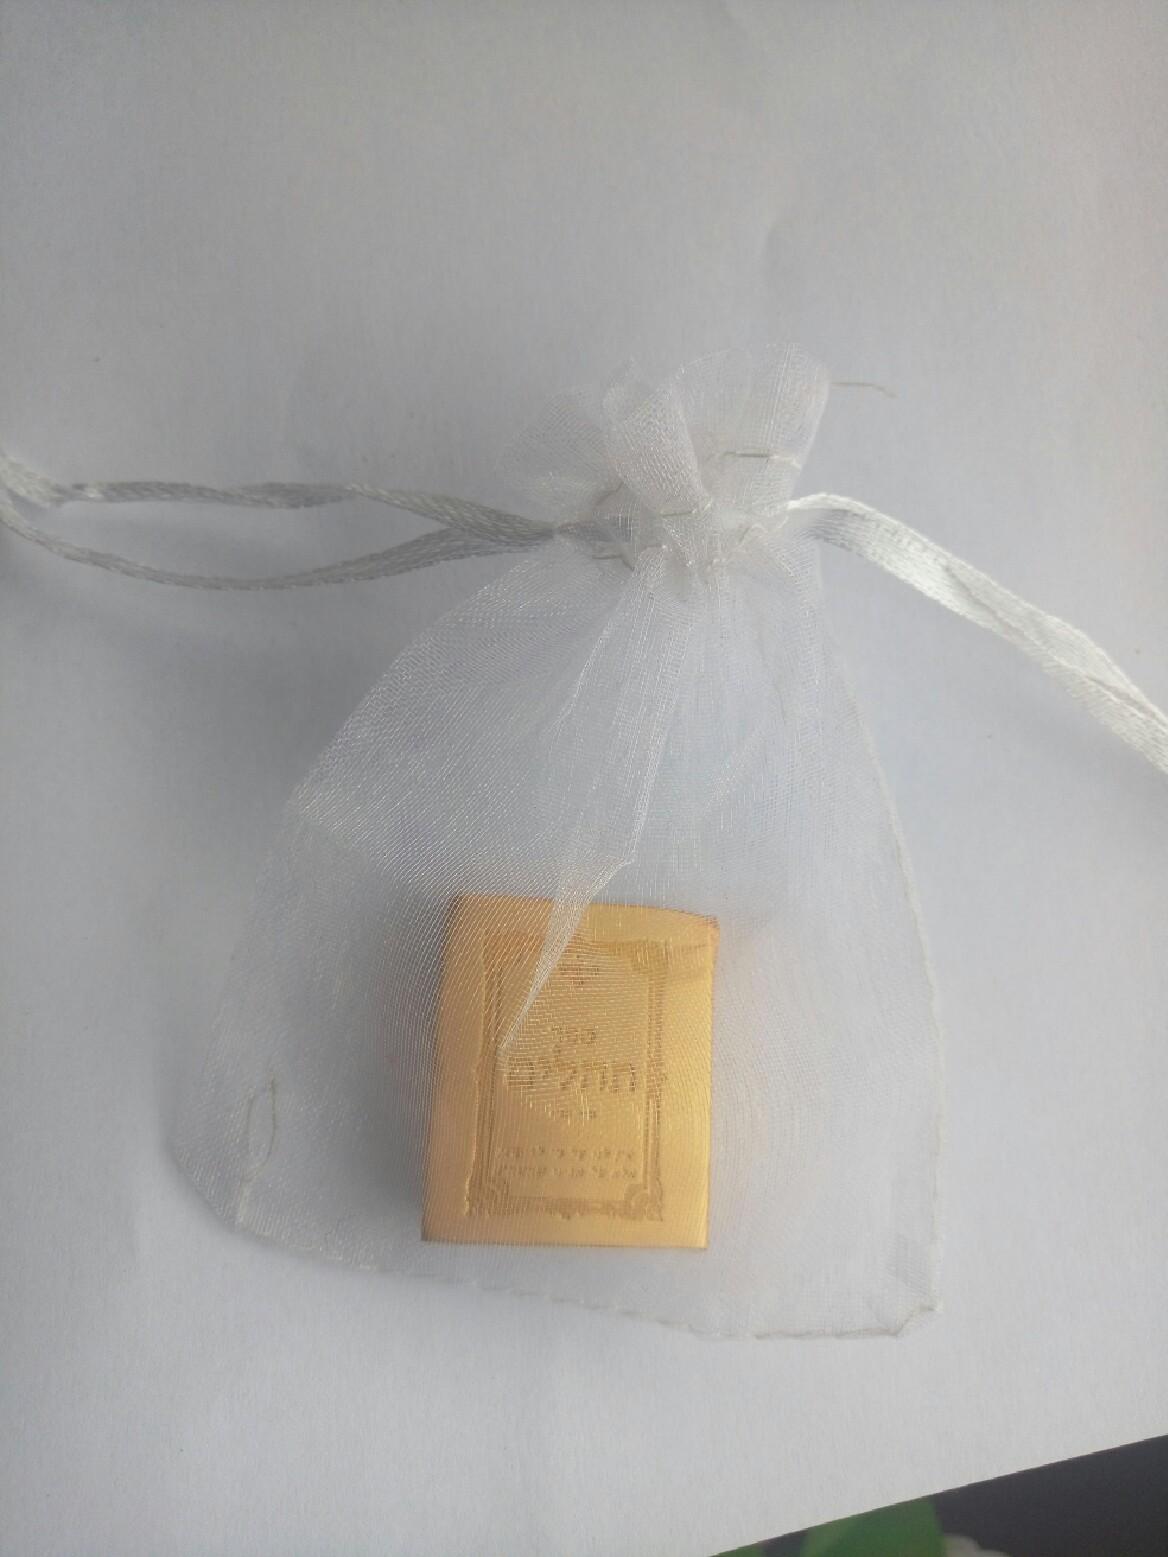 ספר תהילים קטן בצבע זהב בתוך שקית אורגנזה שקופה